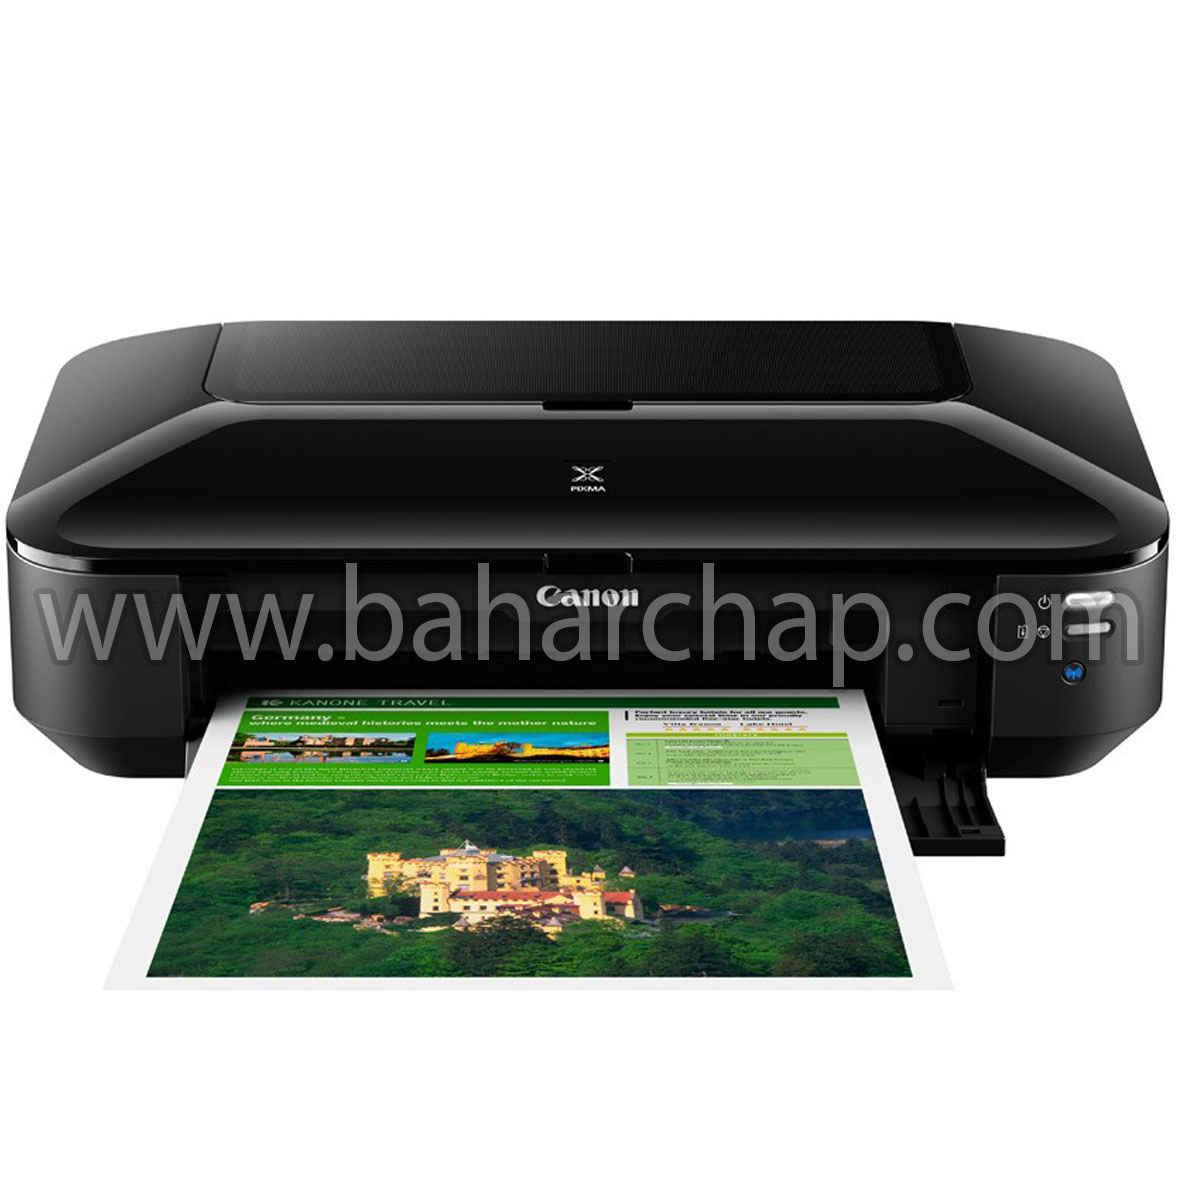 فروشگاه و خدمات اینترنتی بهارچاپ اصفهان-دانلود نرم افزار ریست پرینتر Canon IX6560-Reset canon by ST4905